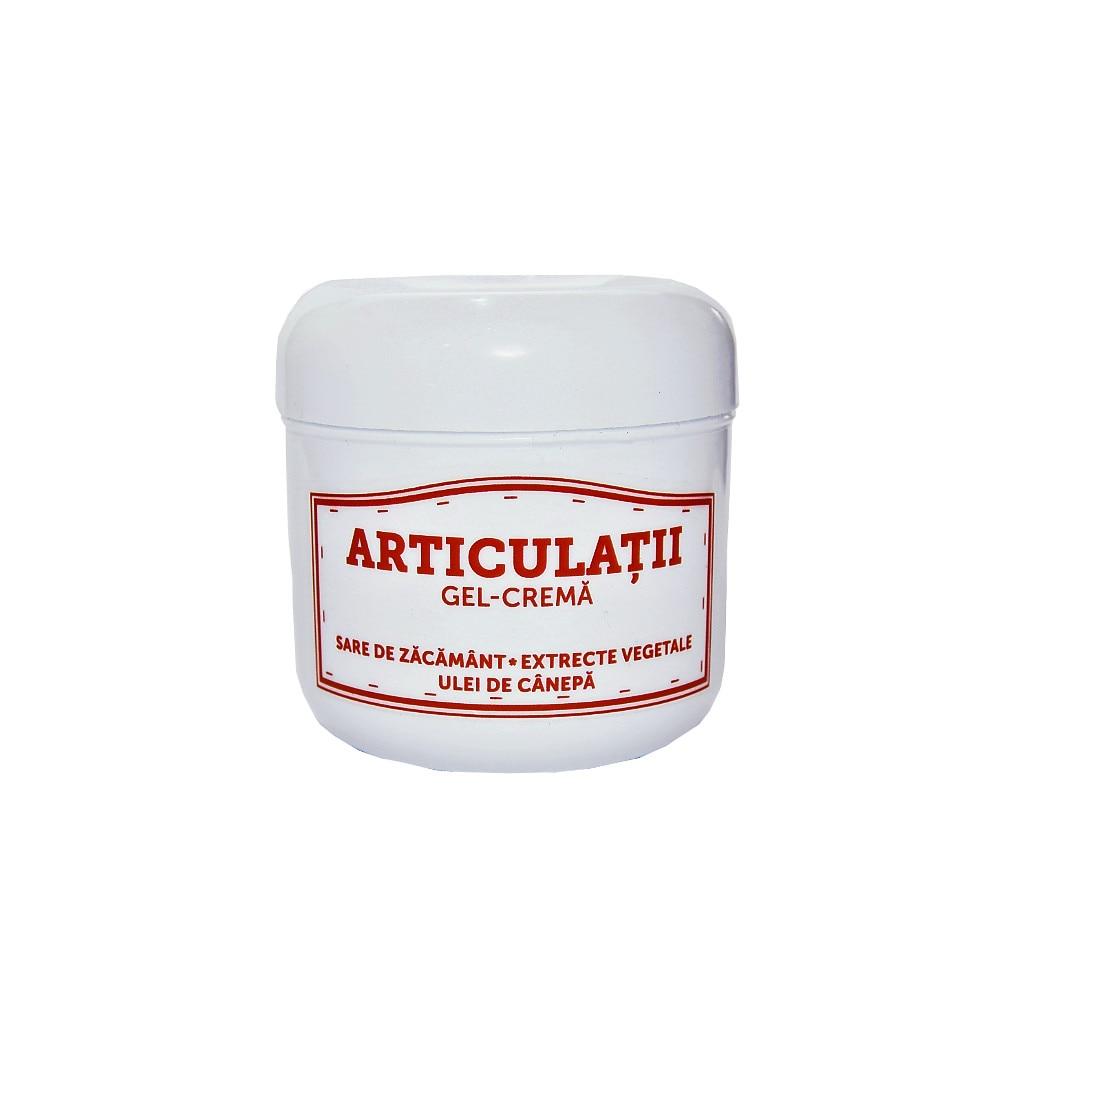 ce unguent pentru artroza articulațiilor unguente de încălzire pentru articulațiile genunchiului